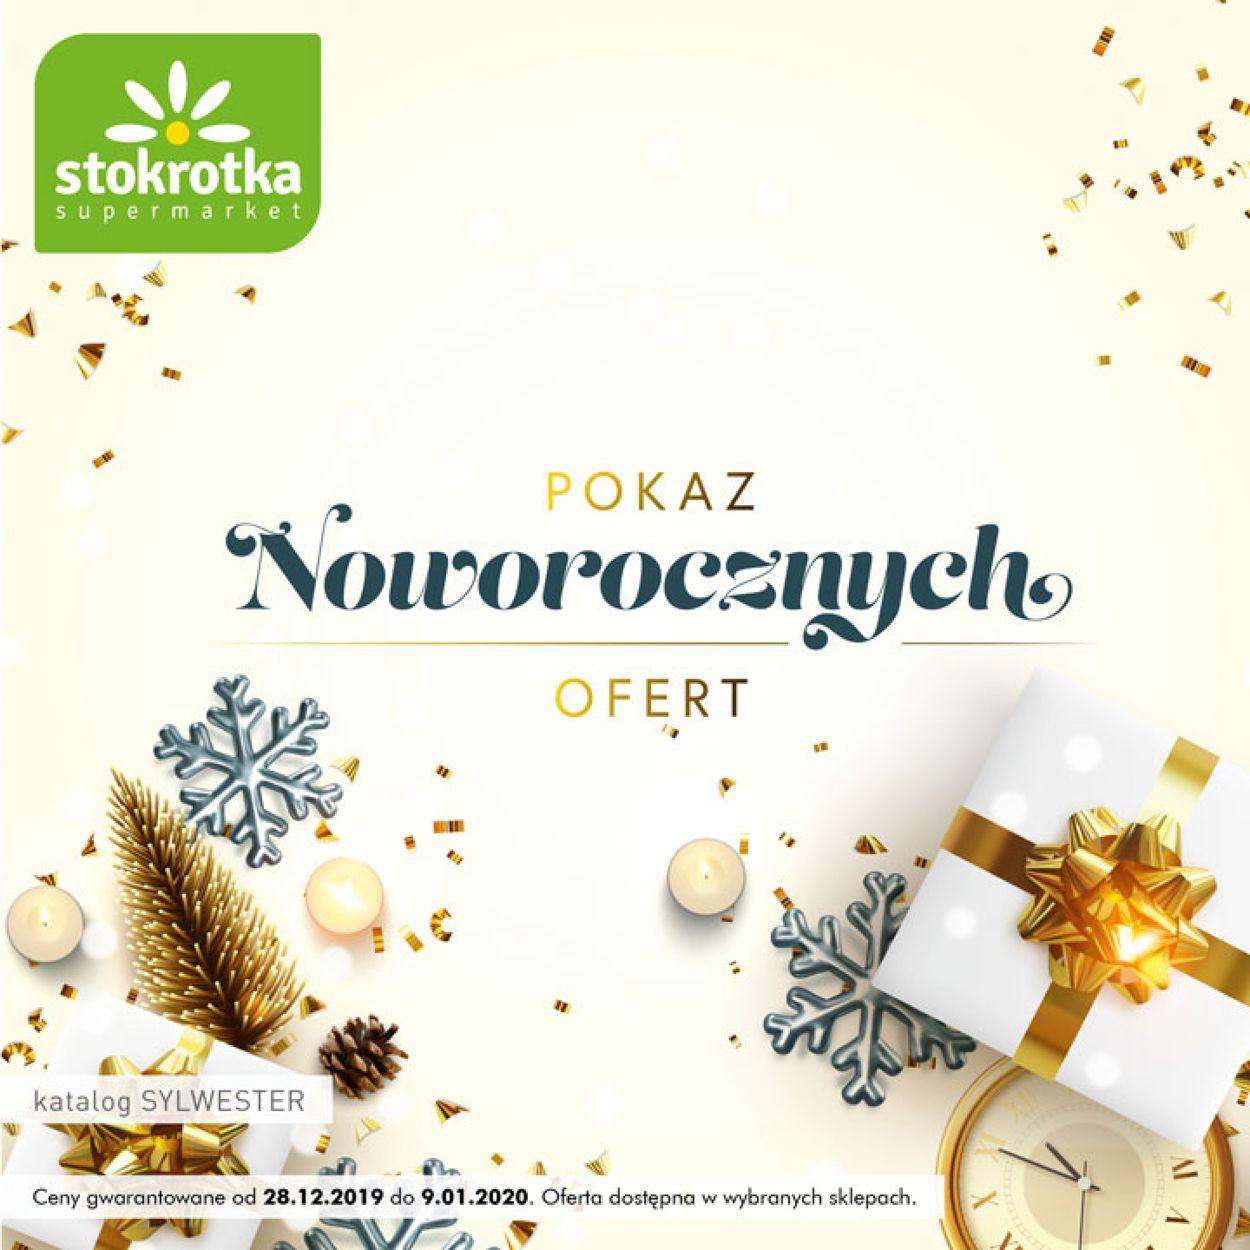 Gazetka promocyjna Stokrotka - Gazetka Noworoczna 2019/2020 - 28.12-09.01.2020